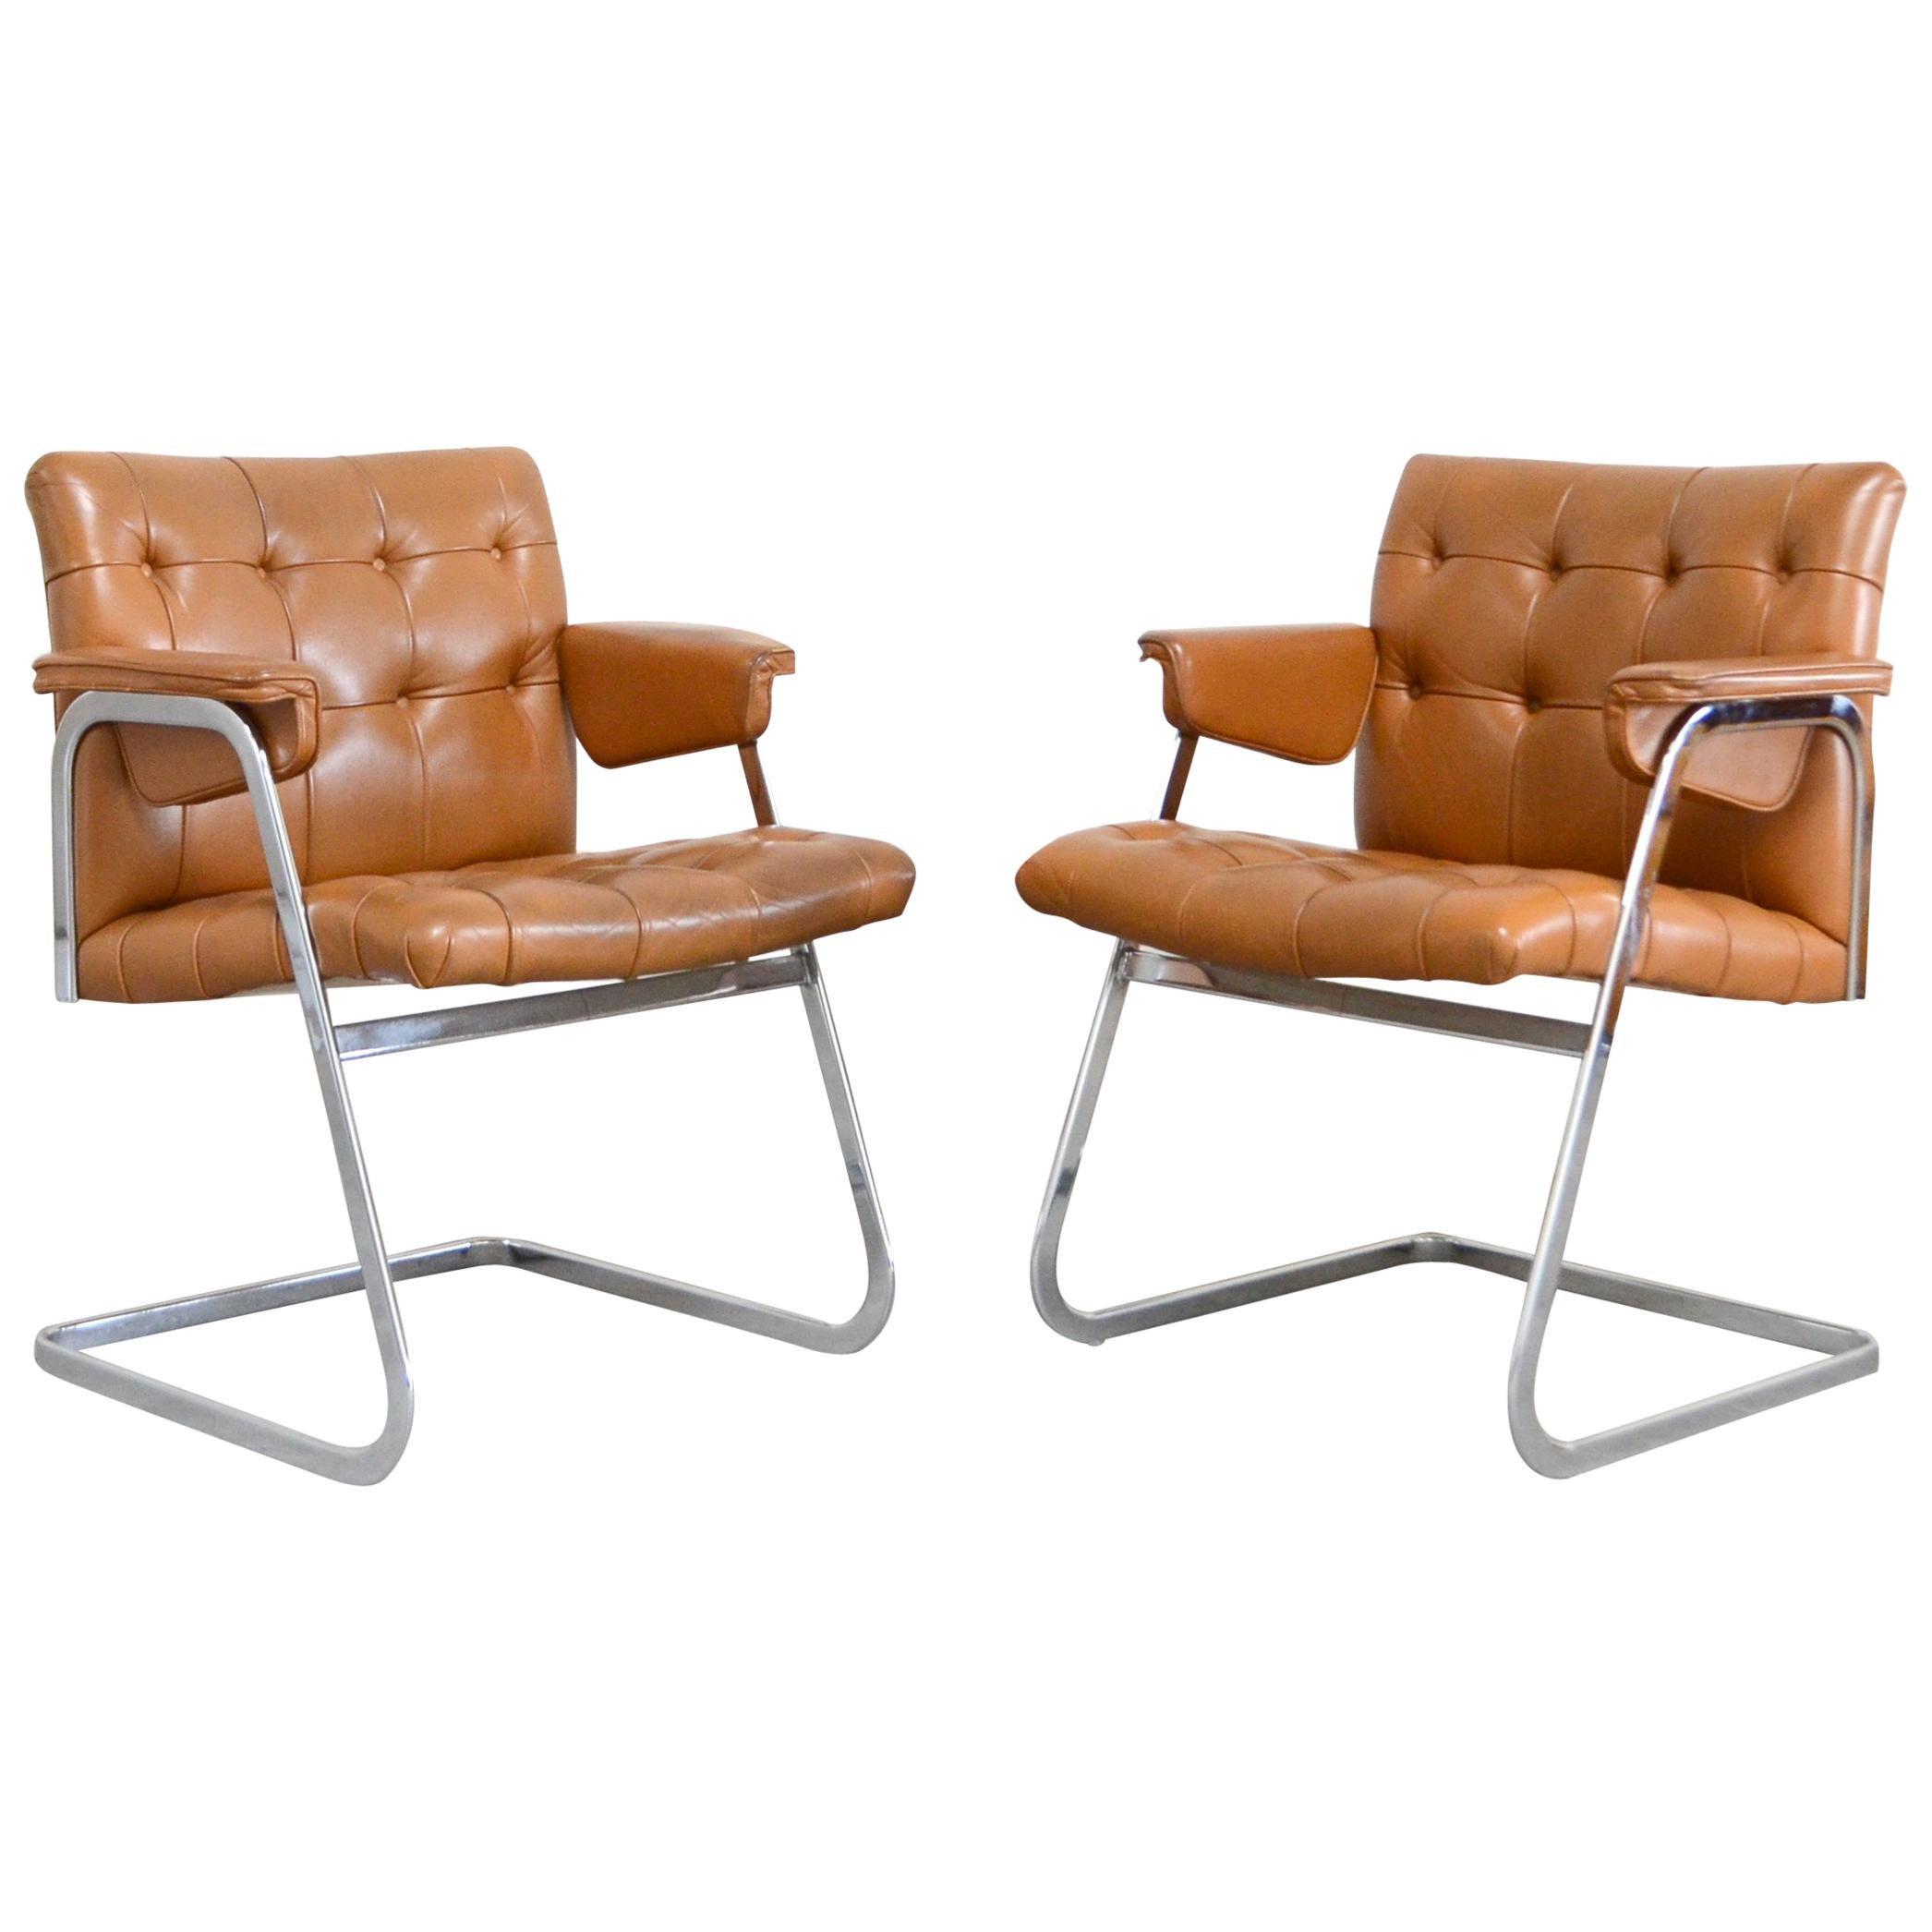 Robert Haussmann De Sede RH 305/ 304 UNESCO Softpad Chairs Chair Cognac